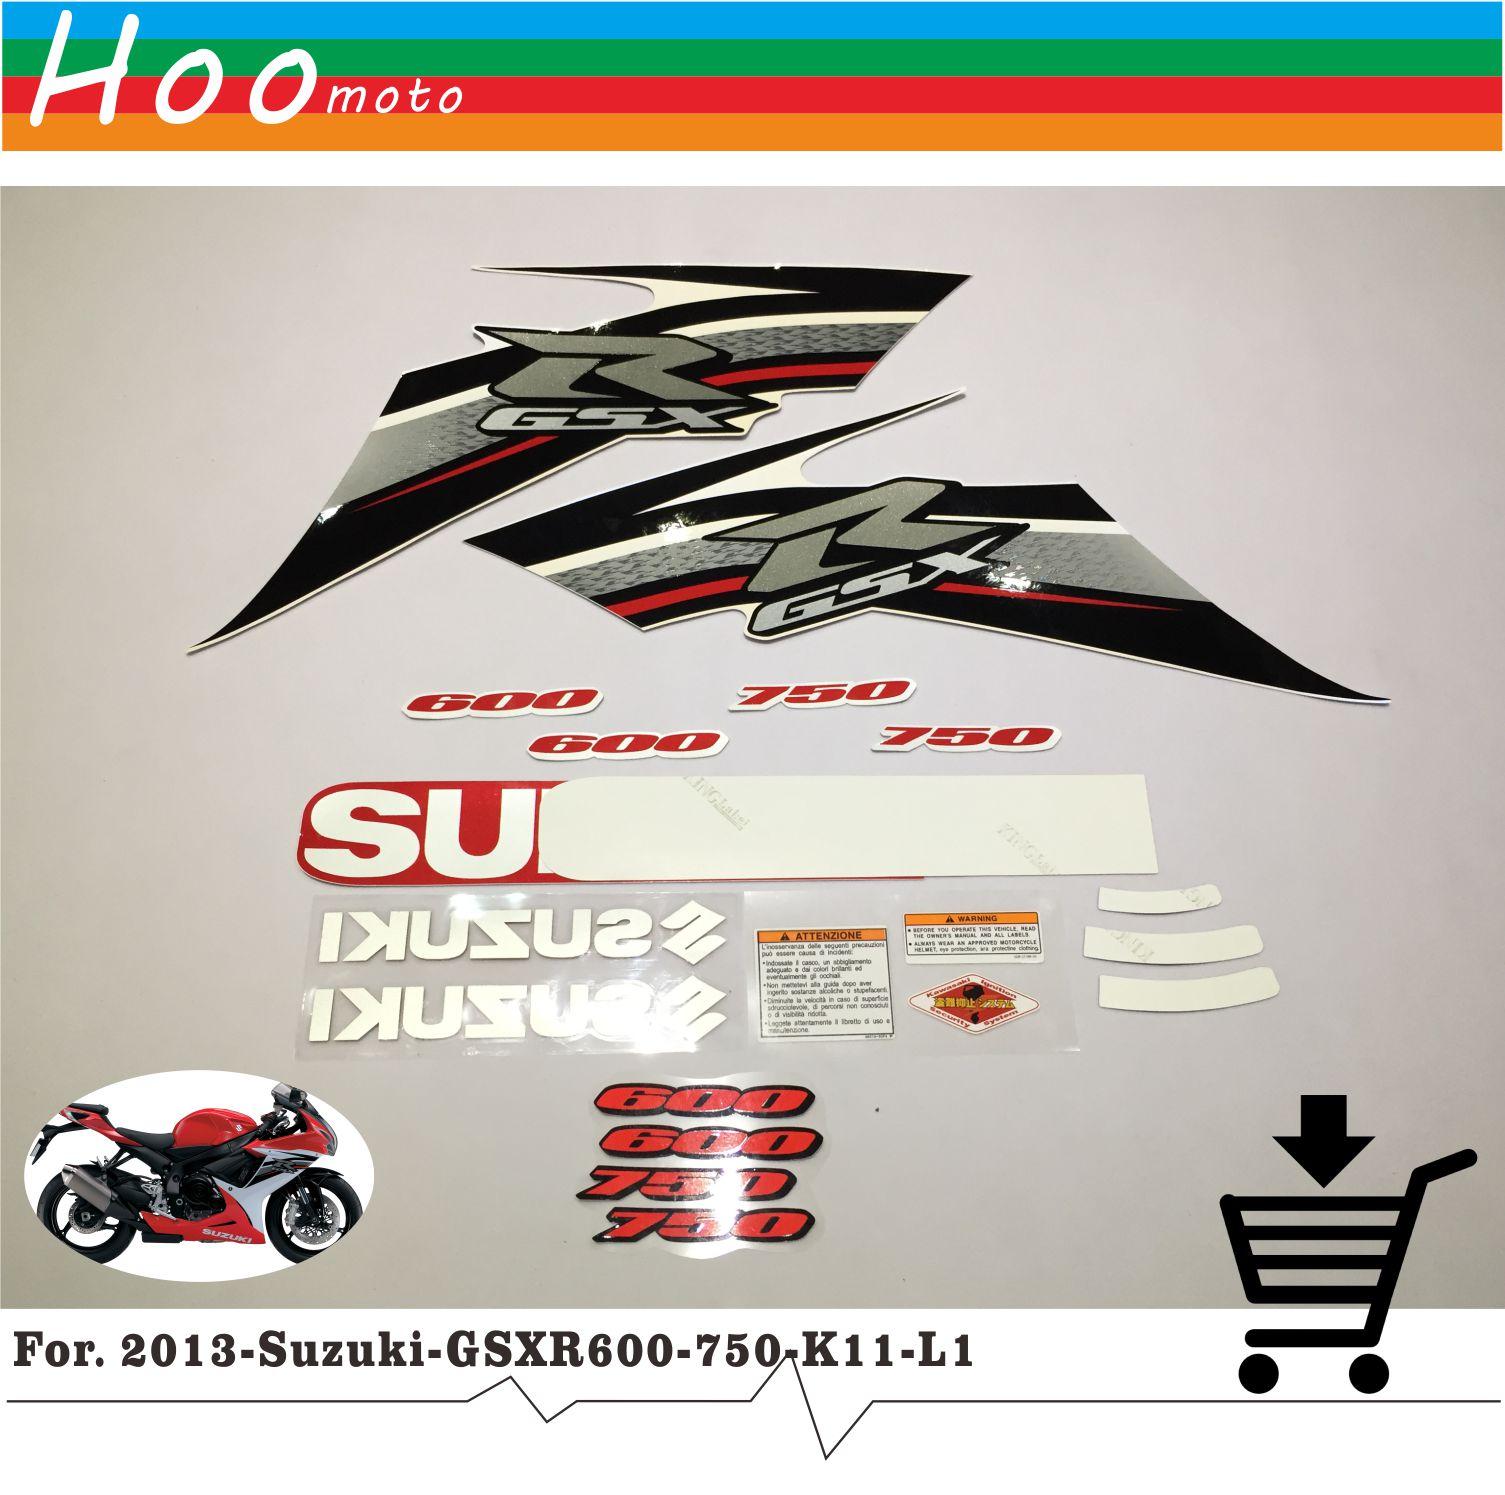 2013 GSXR GSX R 600 750 K11 L1 Высокое качество наклейки Стикеры мотоциклетные автомобиль-Стайлинг Стикеры s для Suzuki наклейки стикеры MOTO